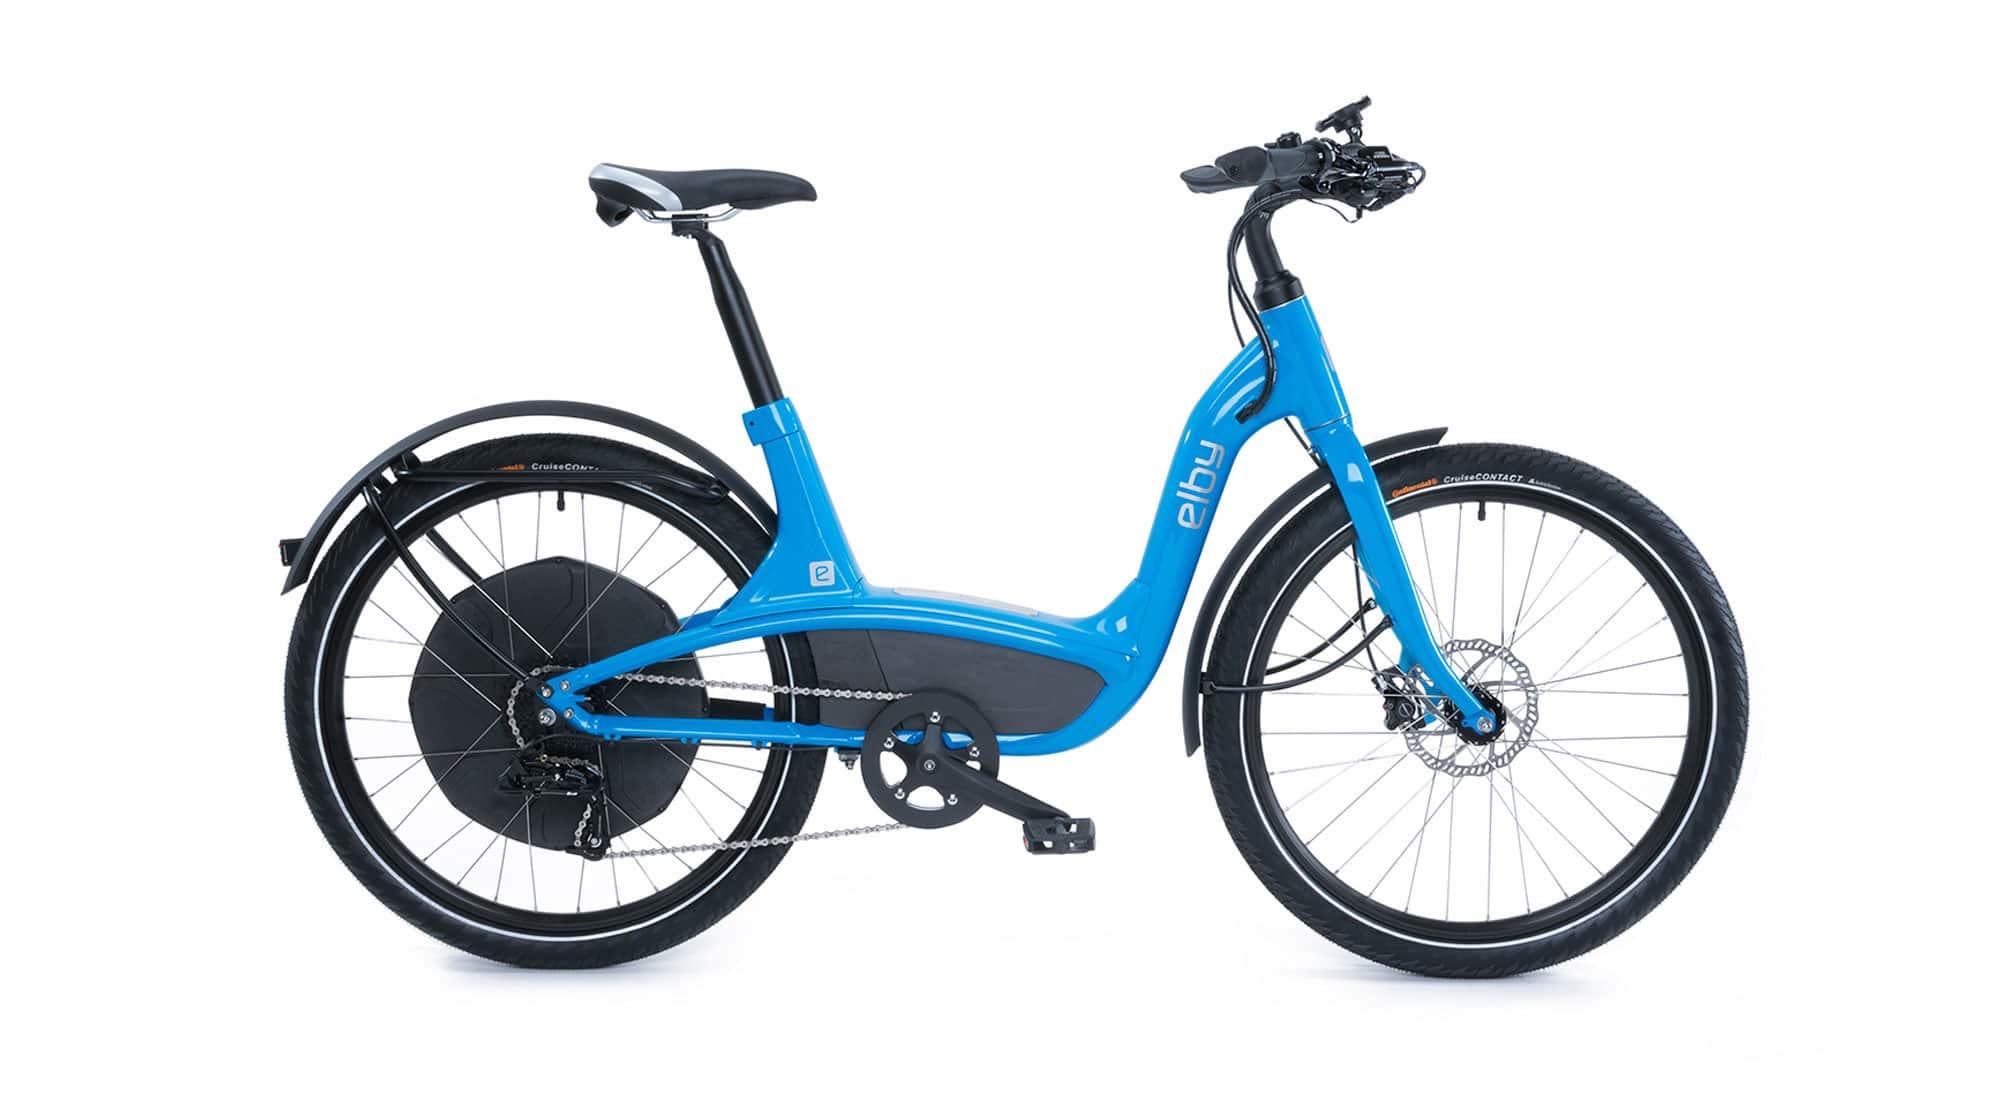 Komfort e-Bike Elby in Blau